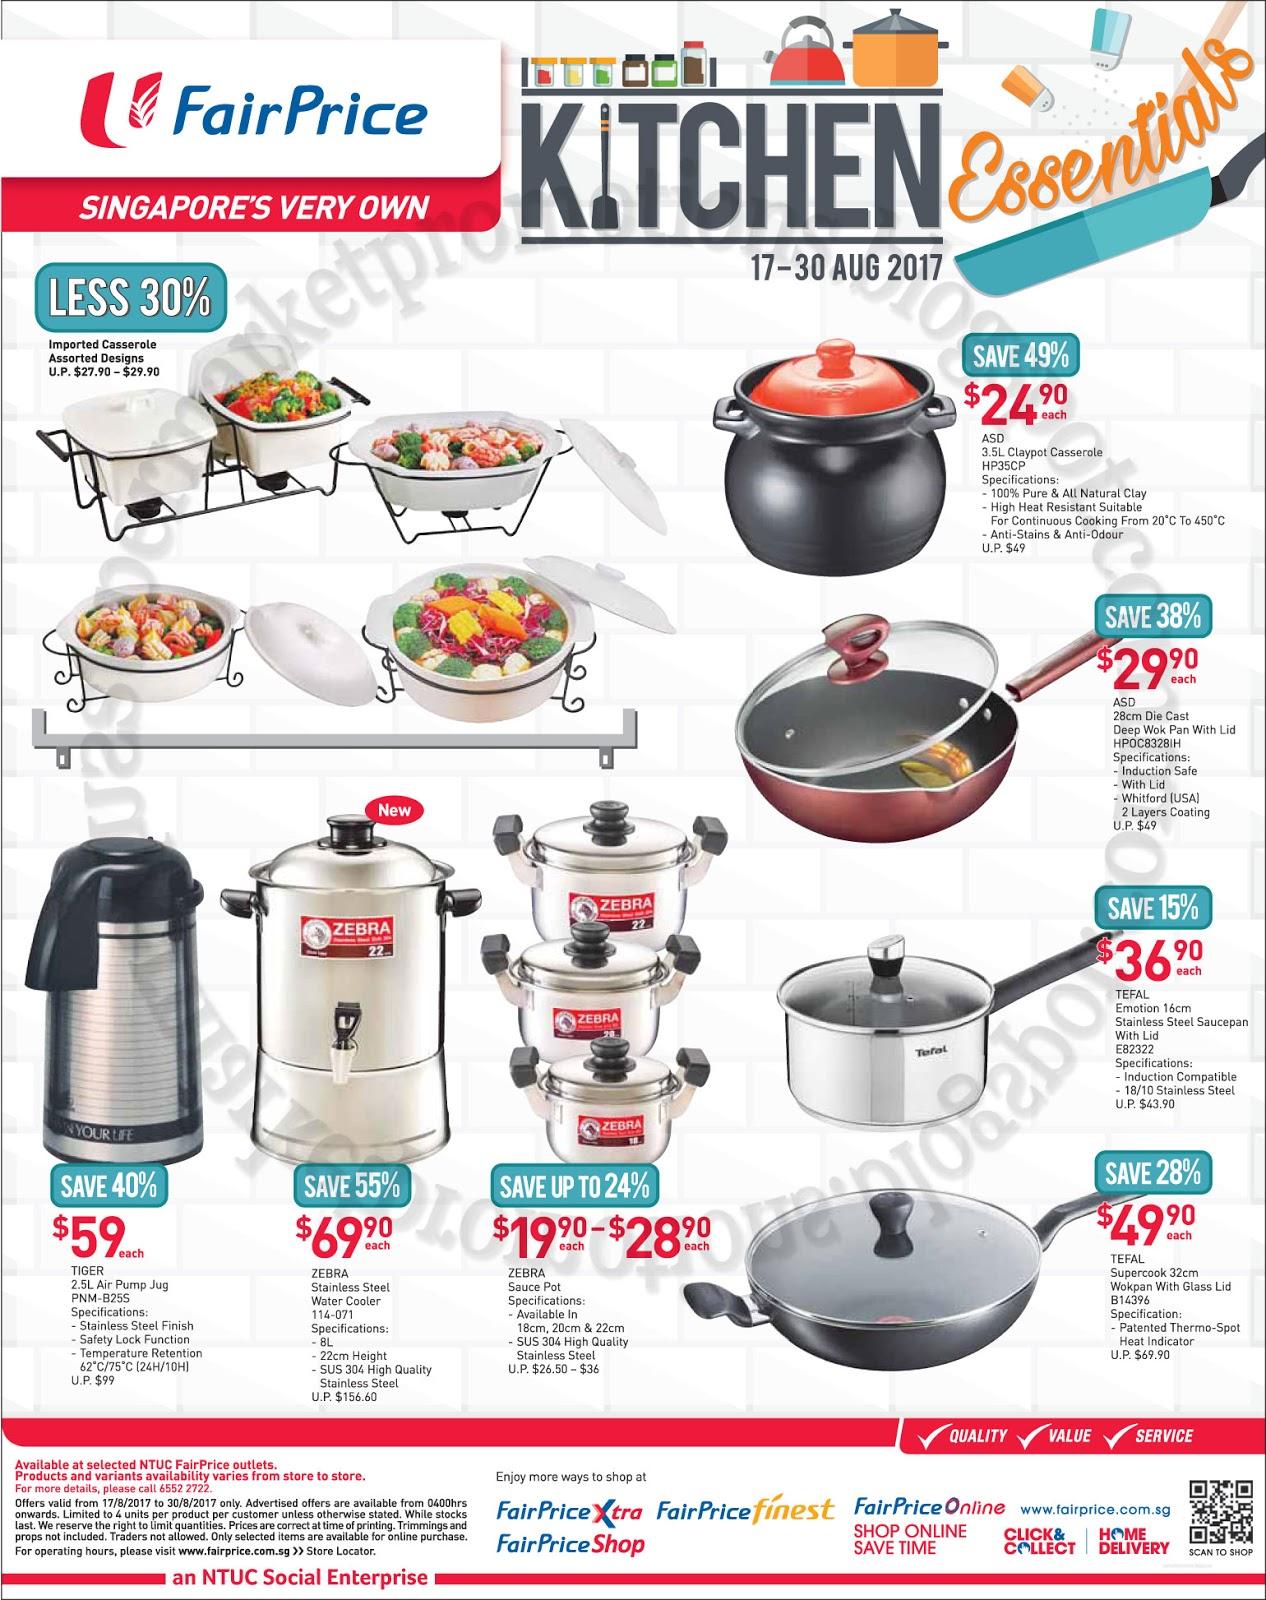 NTUC FairPrice Kitchen Essentials Promotion 17 30 August 2017